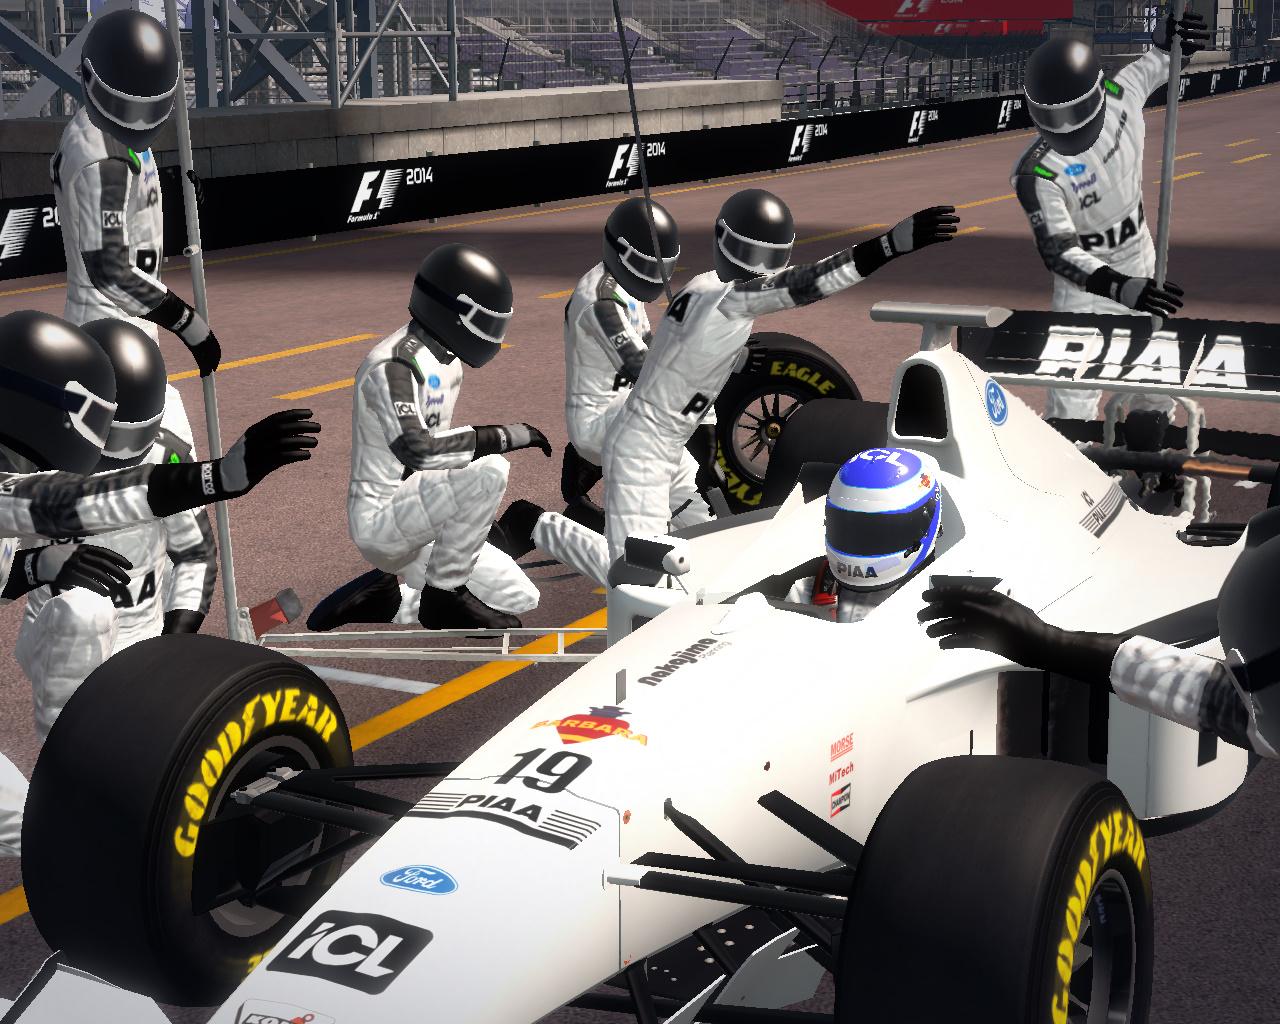 F1_2014 2015-04-06 16-00-07-211.jpg